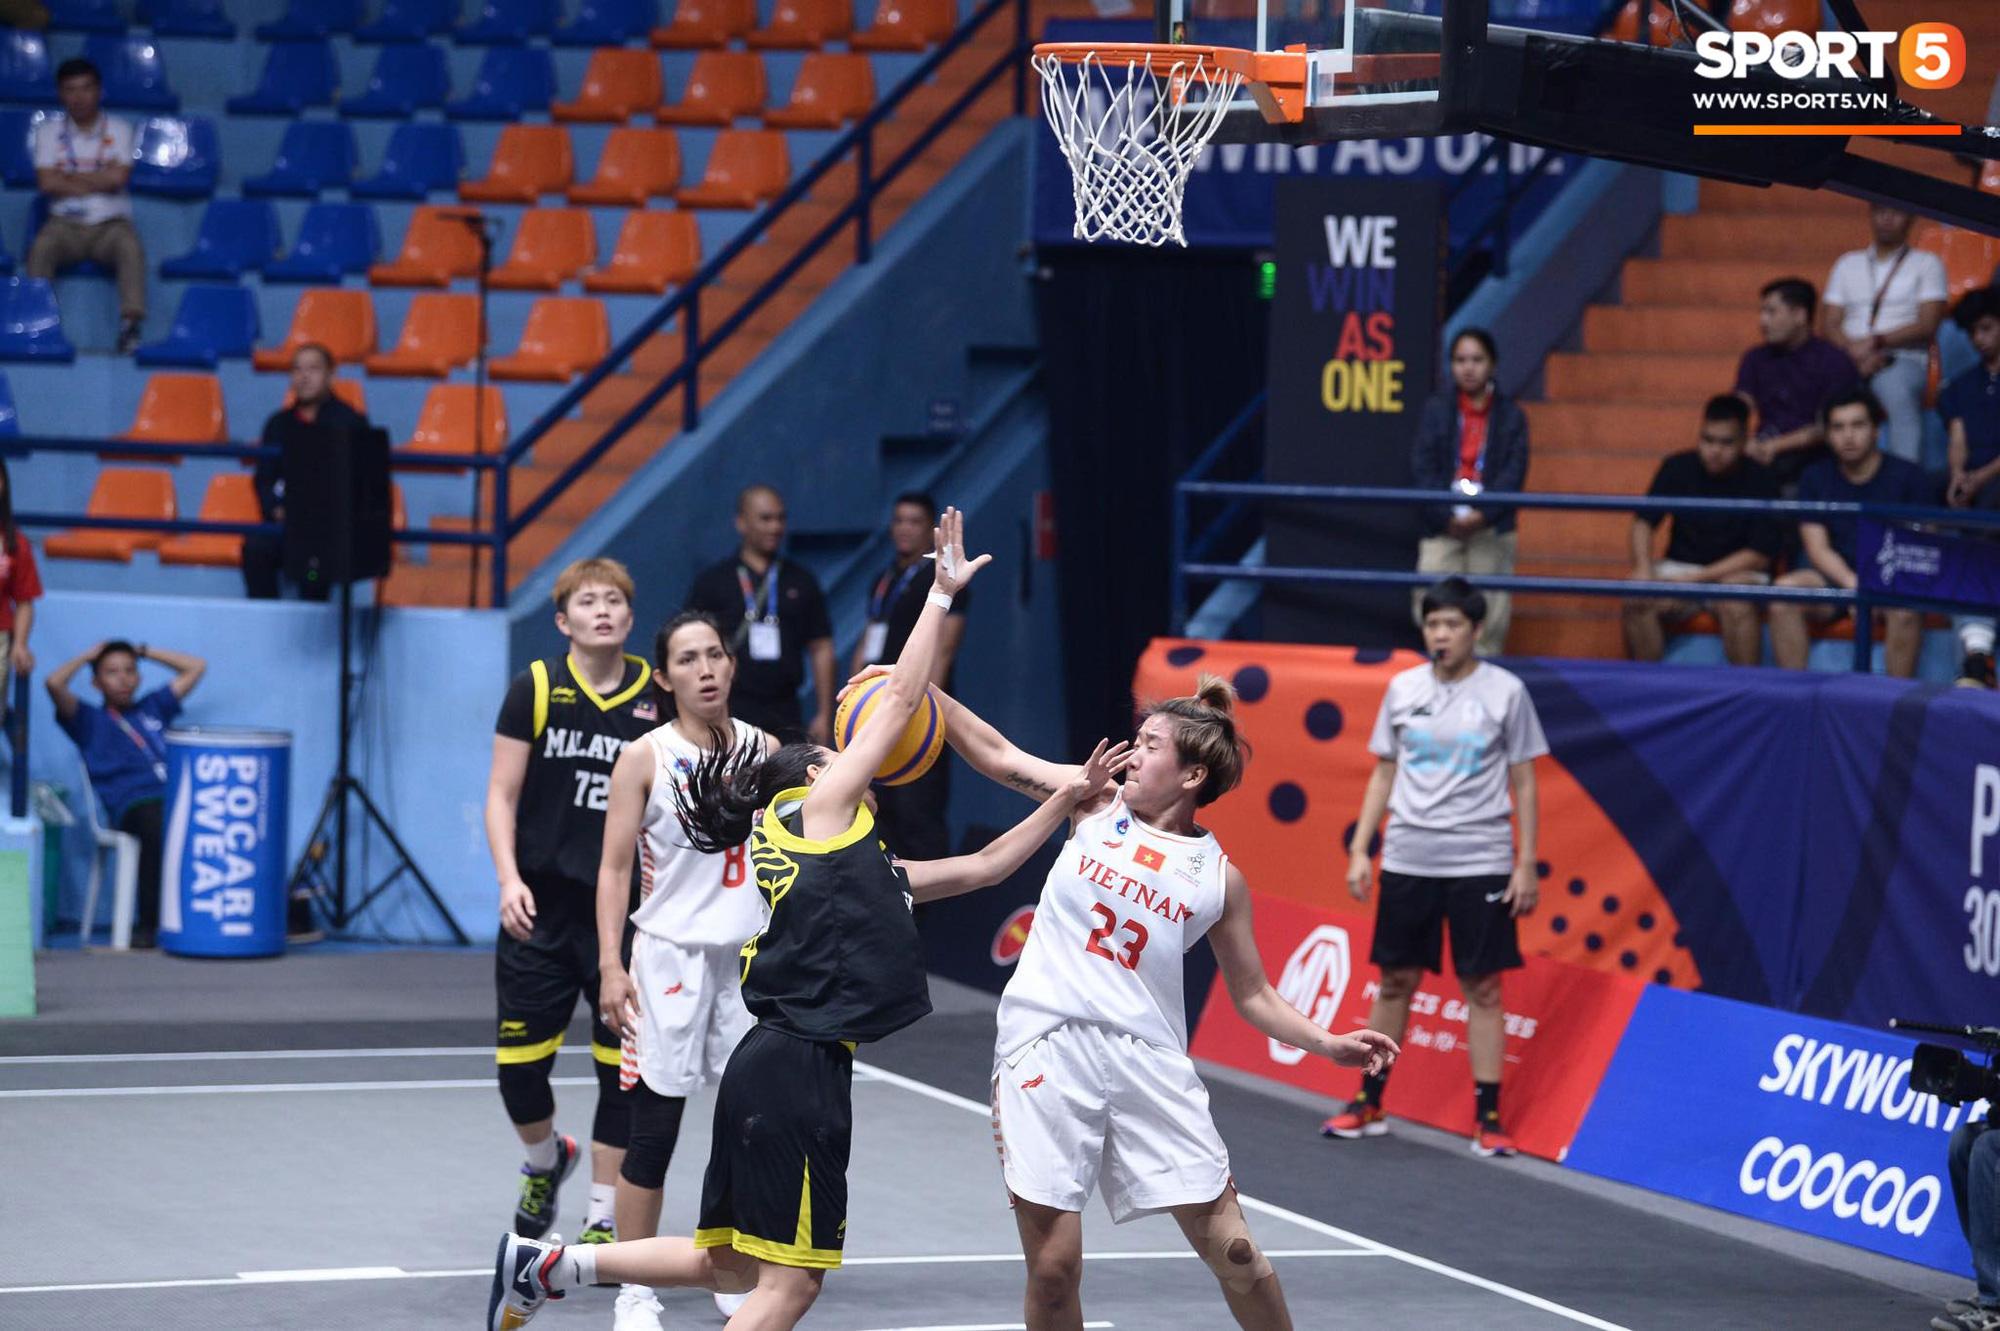 SEA Games 30 ngày 2/12: Thái Lan giúp tuyển nữ Việt Nam vào bán kết ở ngôi nhất bảng - Ảnh 9.